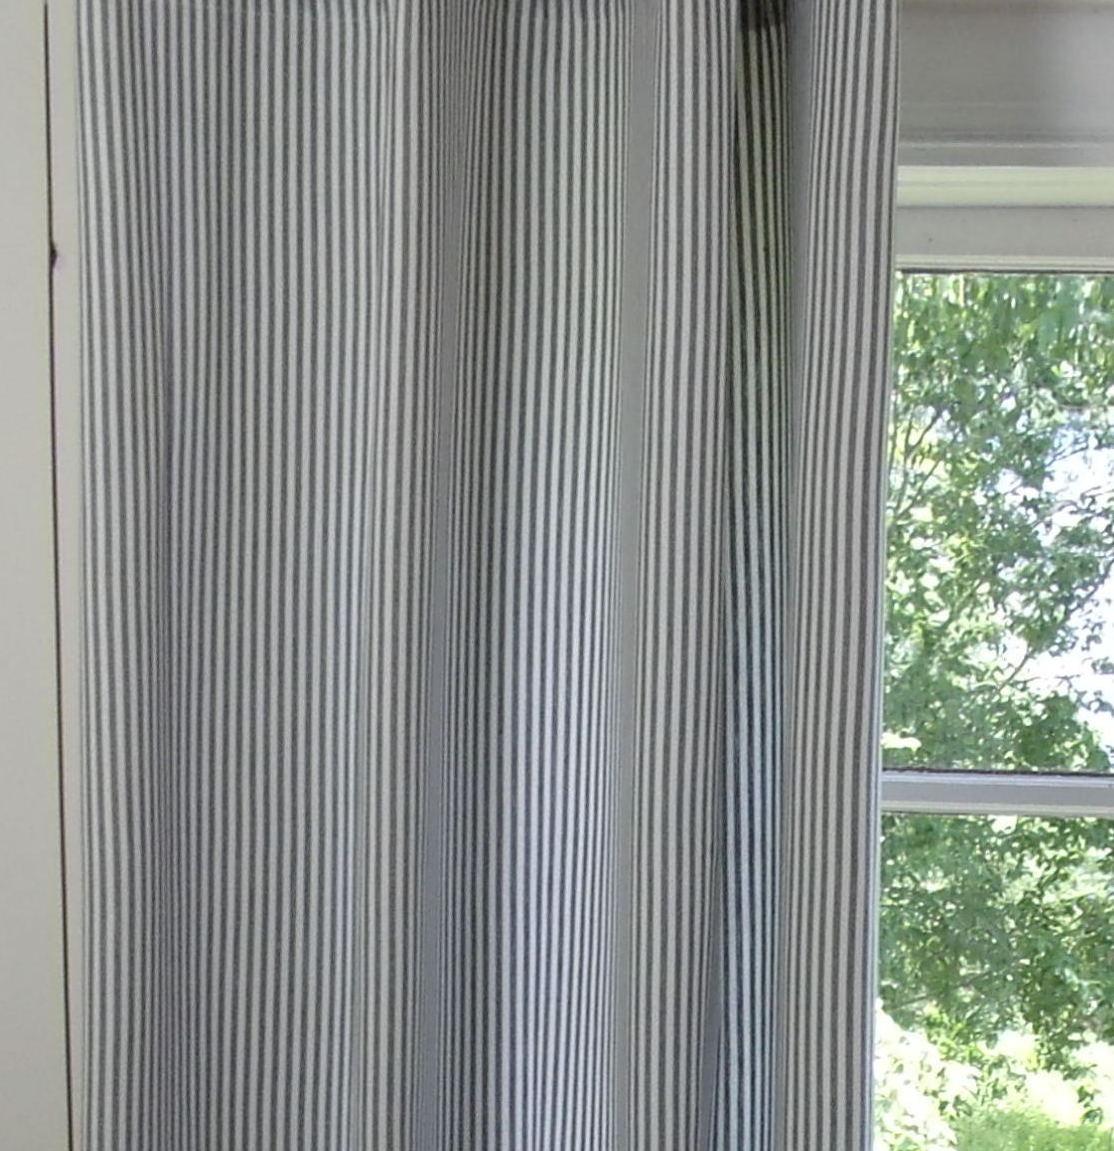 Full Size of Vorhänge Vorhang Pamela Grau Gestreift 2 120x250 Cm Fr Stange Schiene Küche Schlafzimmer Wohnzimmer Wohnzimmer Vorhänge